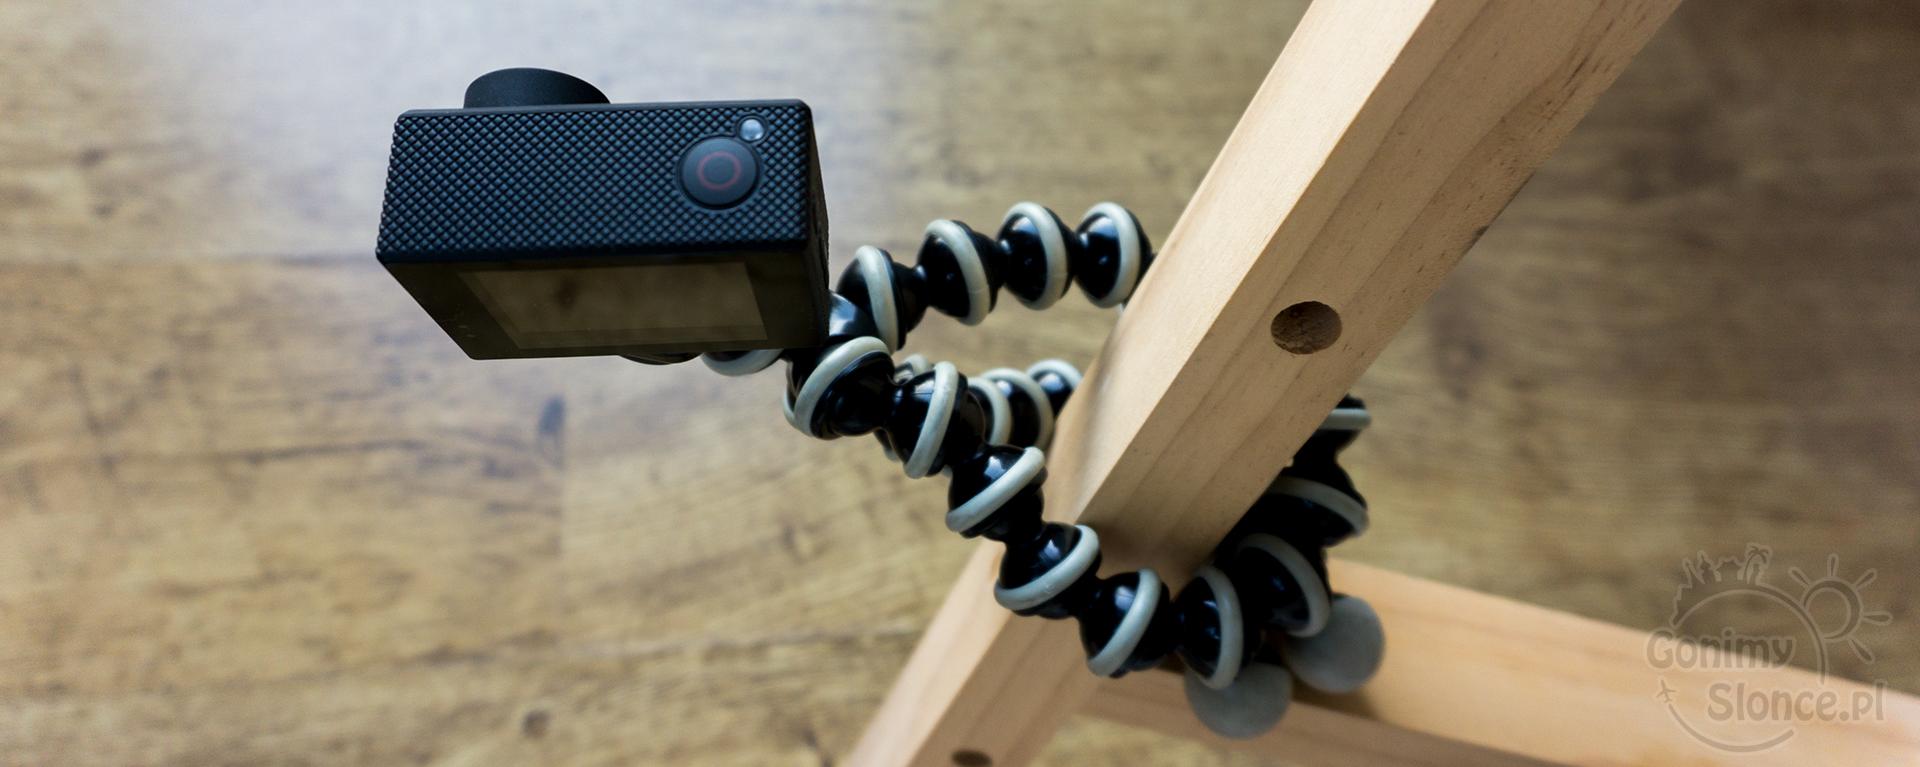 podróżnicze gadżety - statyw Gorilla - aparat, kamerka